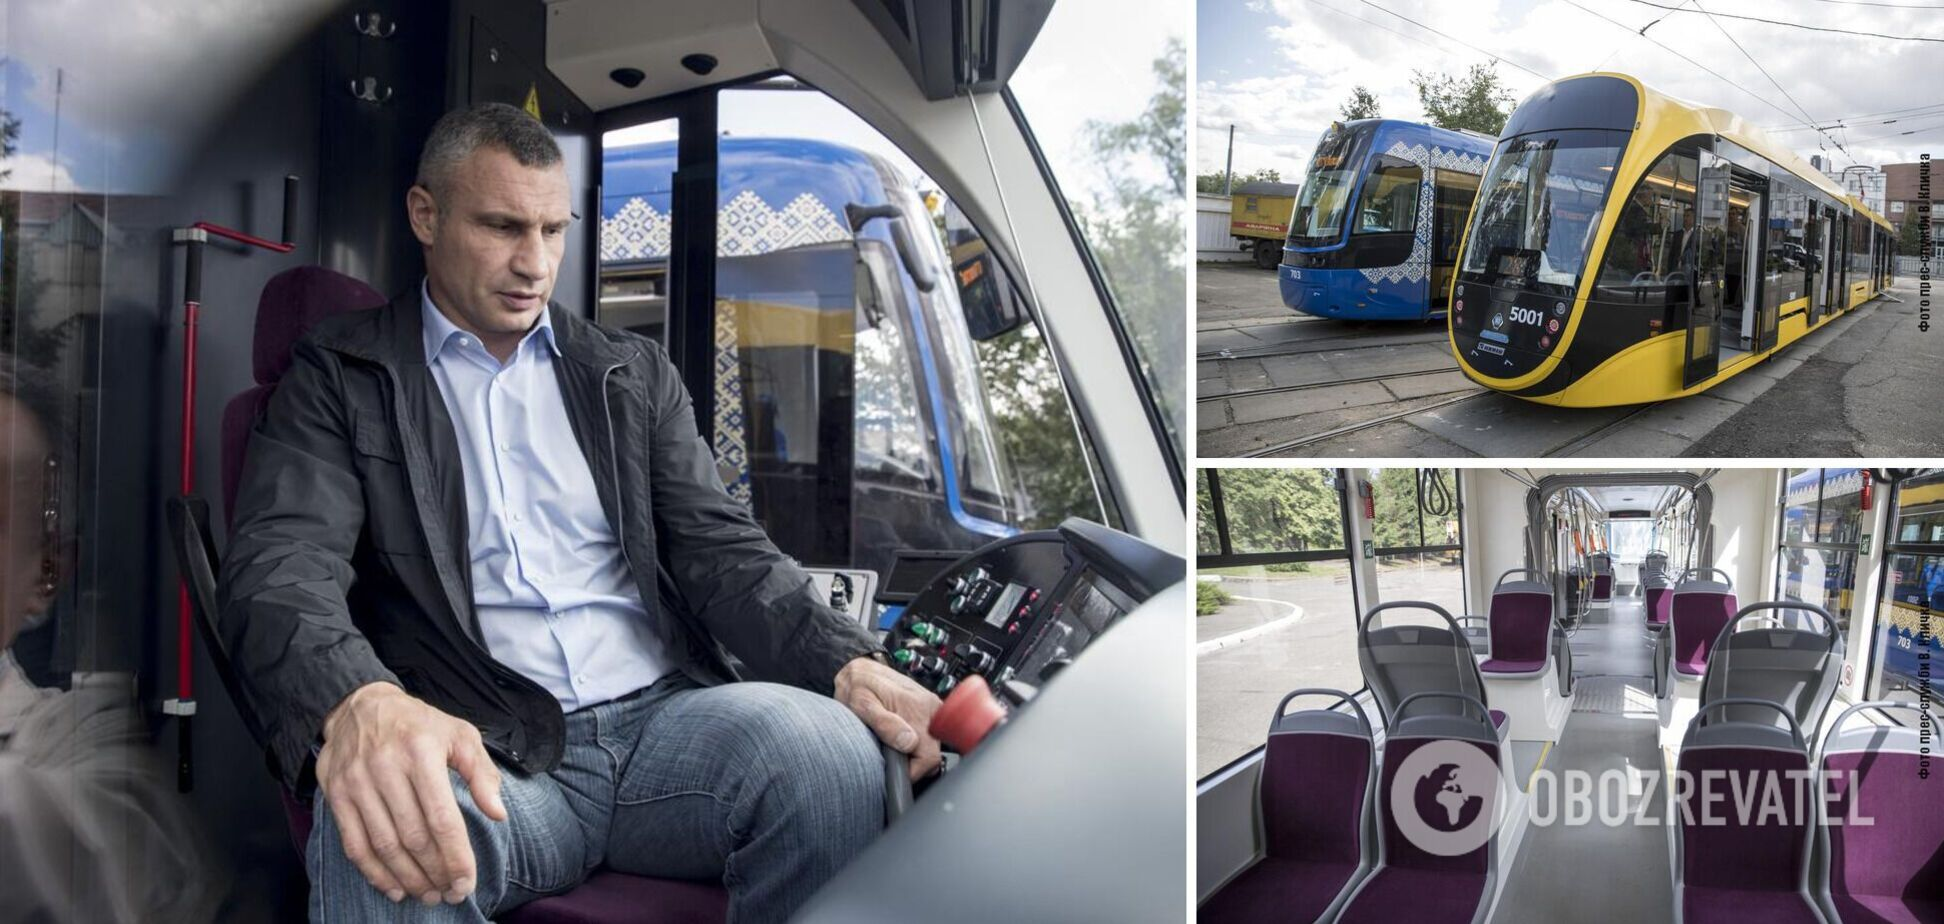 Кличко осмотрел 4 новых трамвая, которые прибыли в столицу